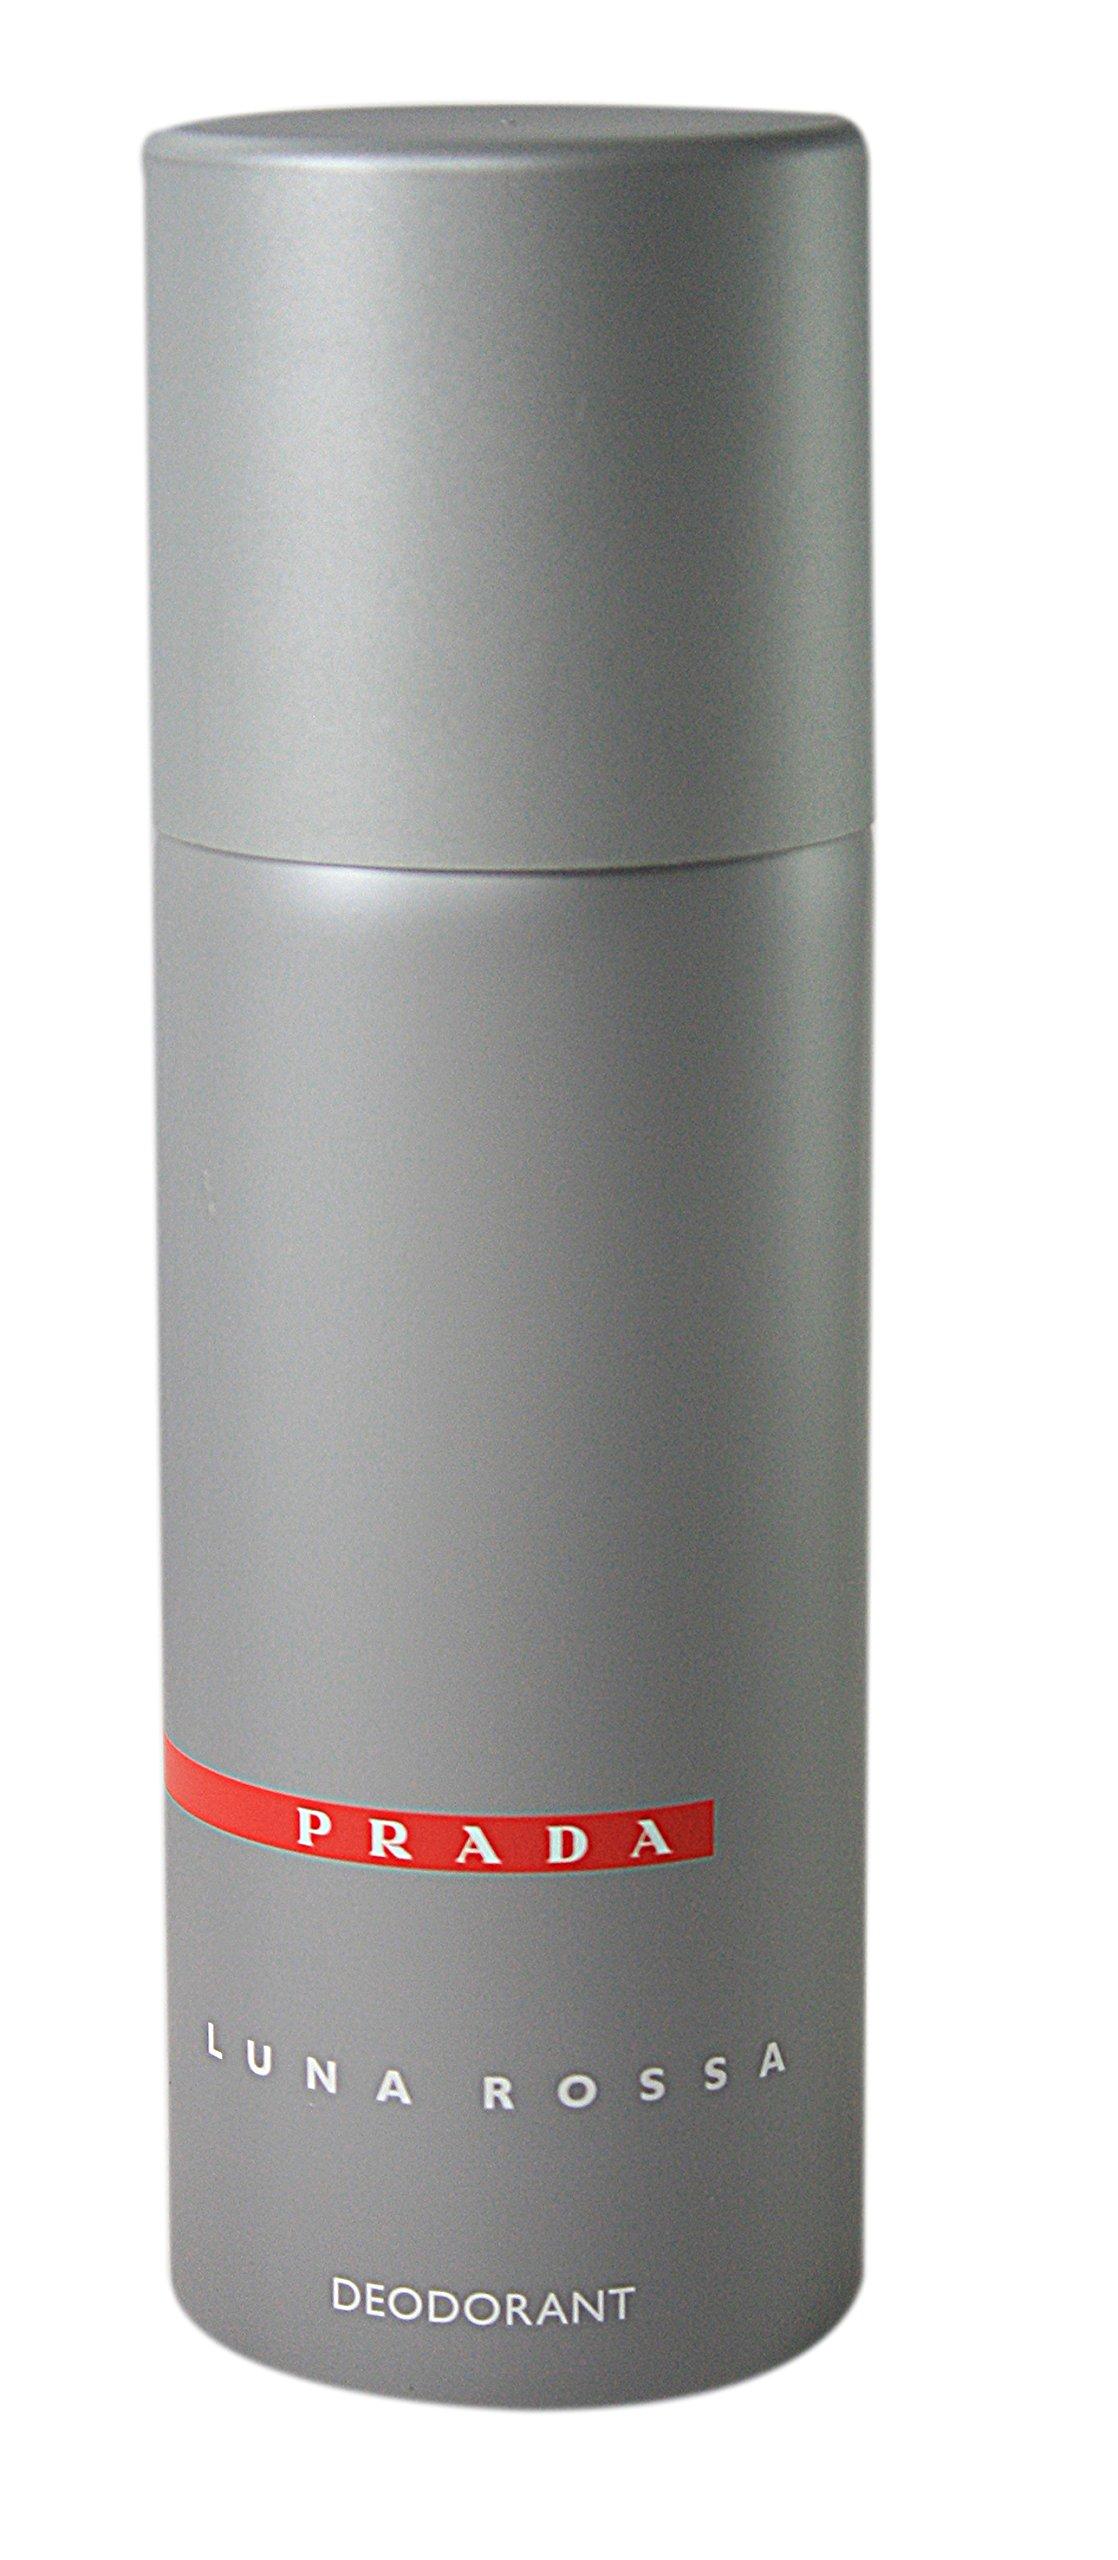 Prada Luna Rossa Deodorant Spray For Men 5.0 Oz / 150 ml